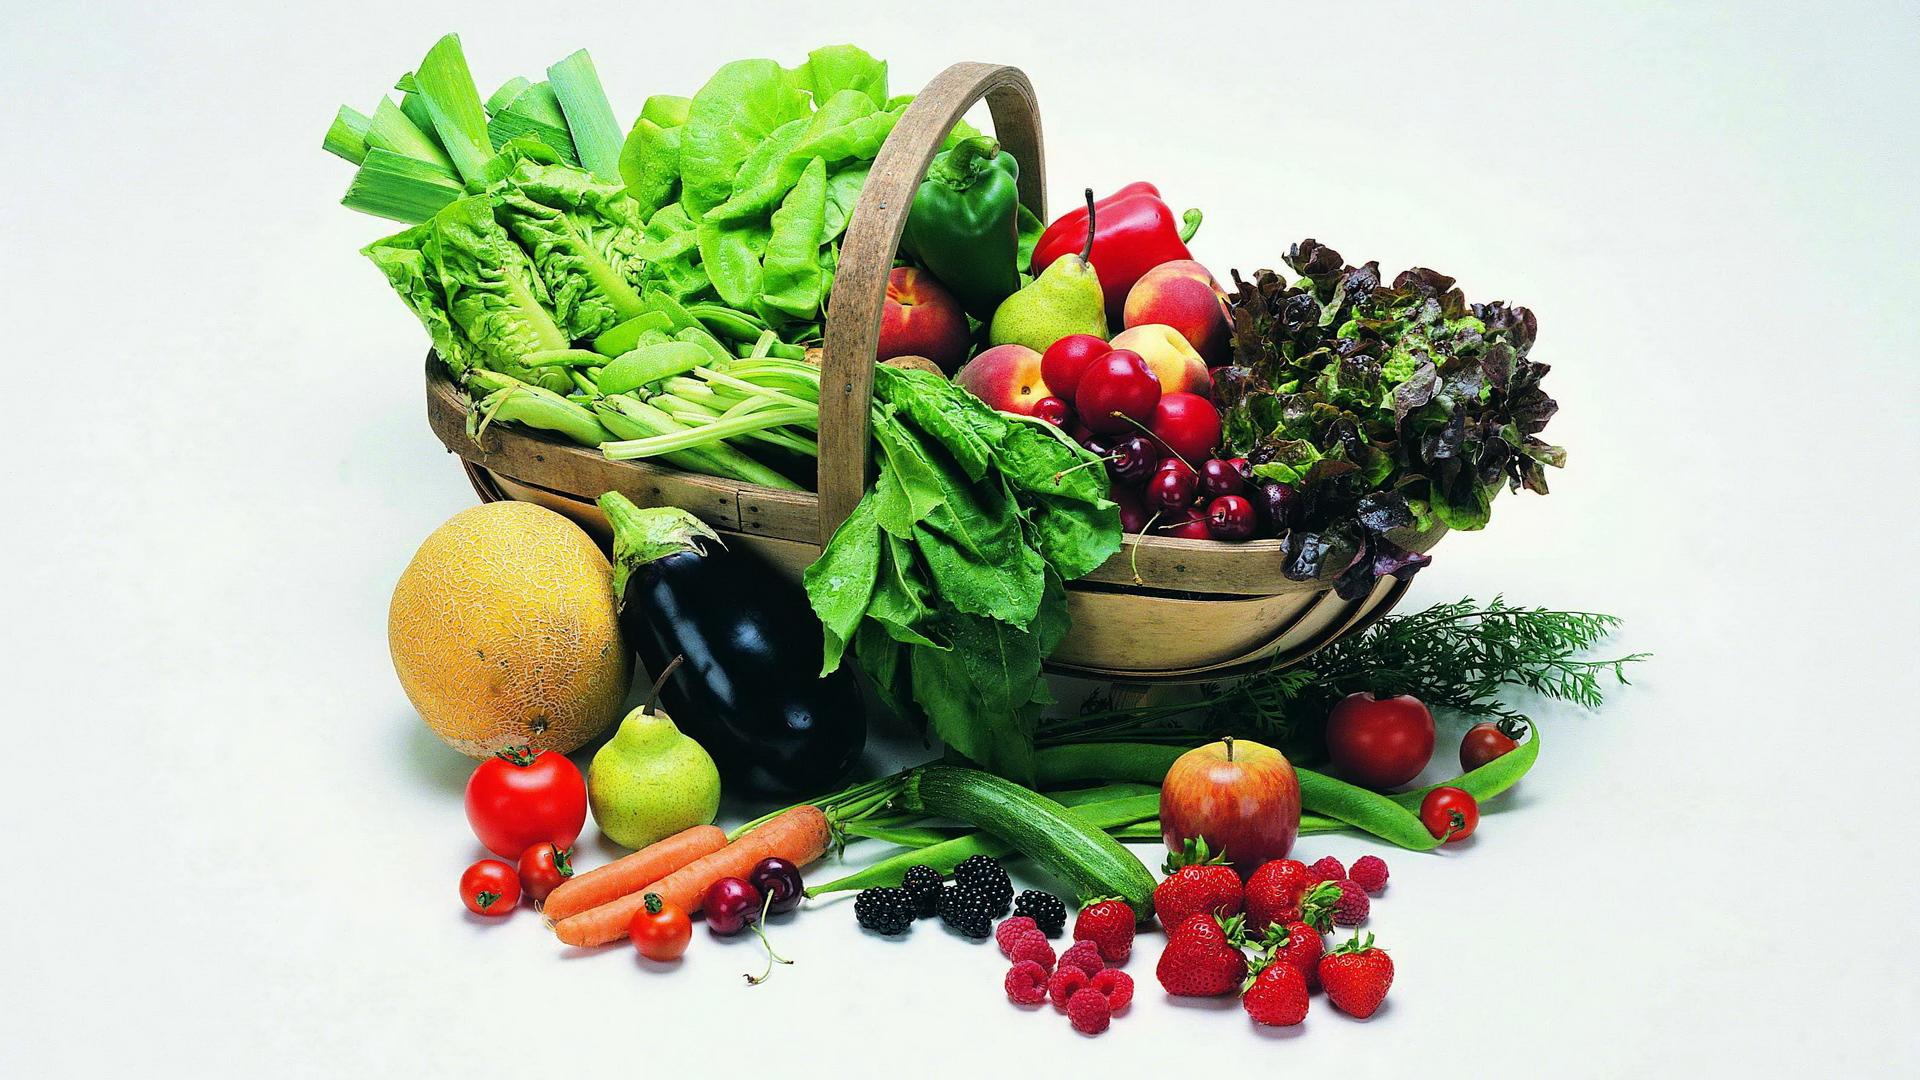 Овощная диета для похудения на 7 и 10 кг, меню диеты на 7 и 21 день, белково-овощная диета